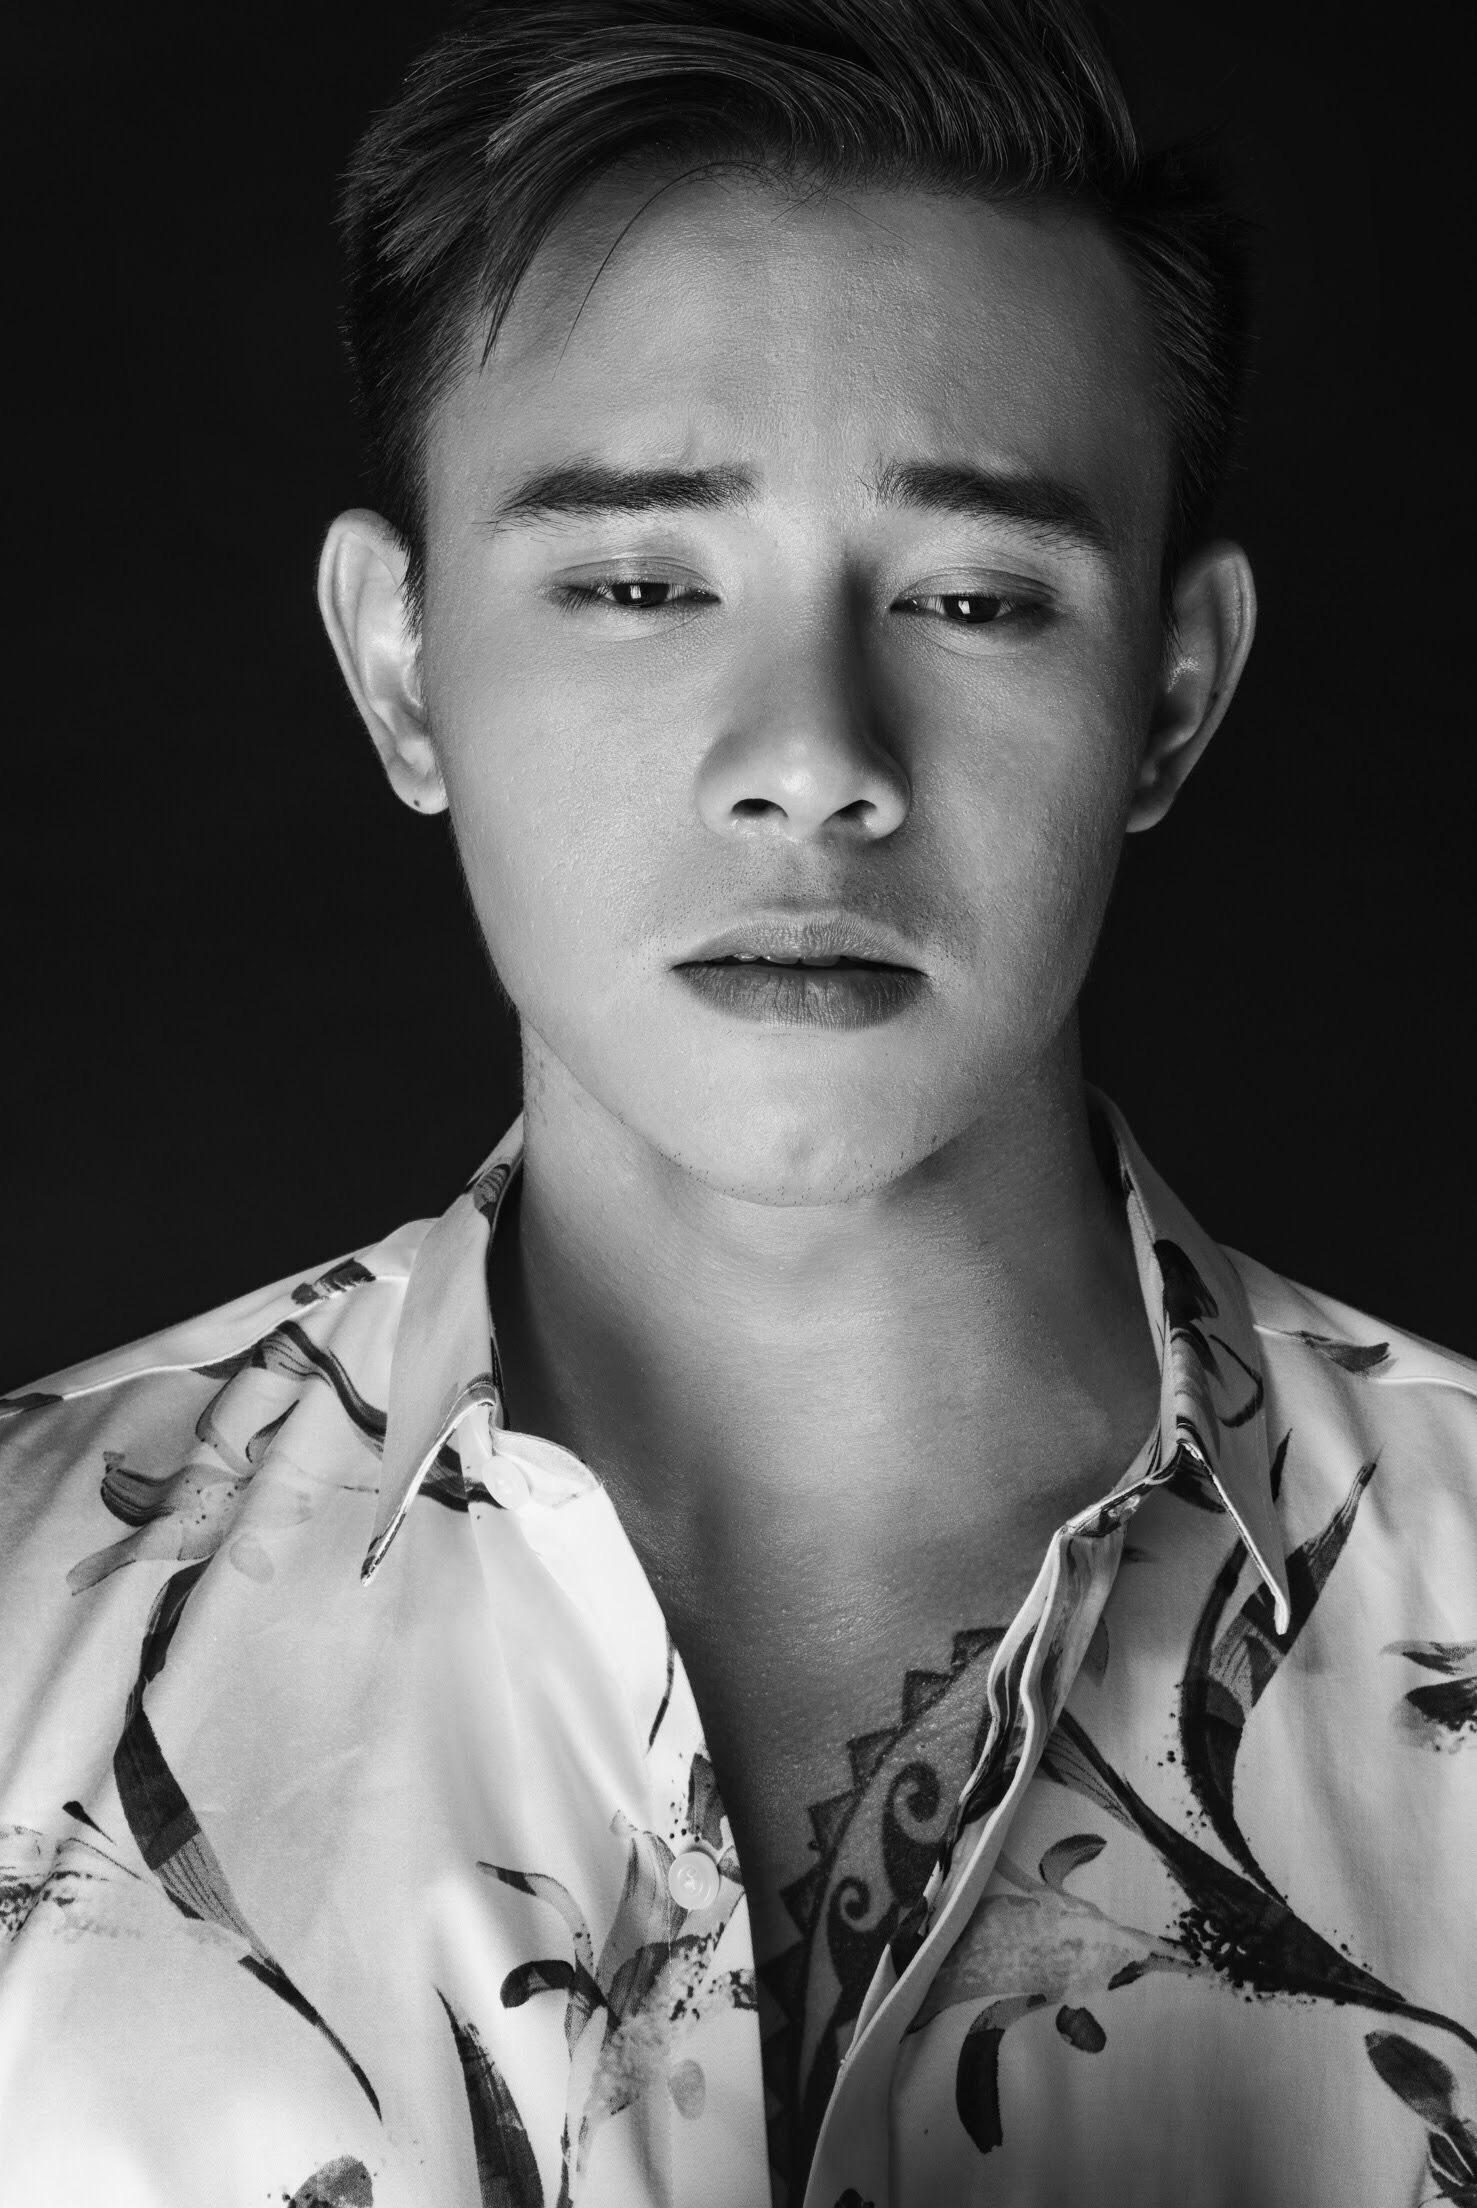 Đông Hùng nhiều lần cáu giận vì sự khó tính của nhạc sĩ Dương Cầm-2